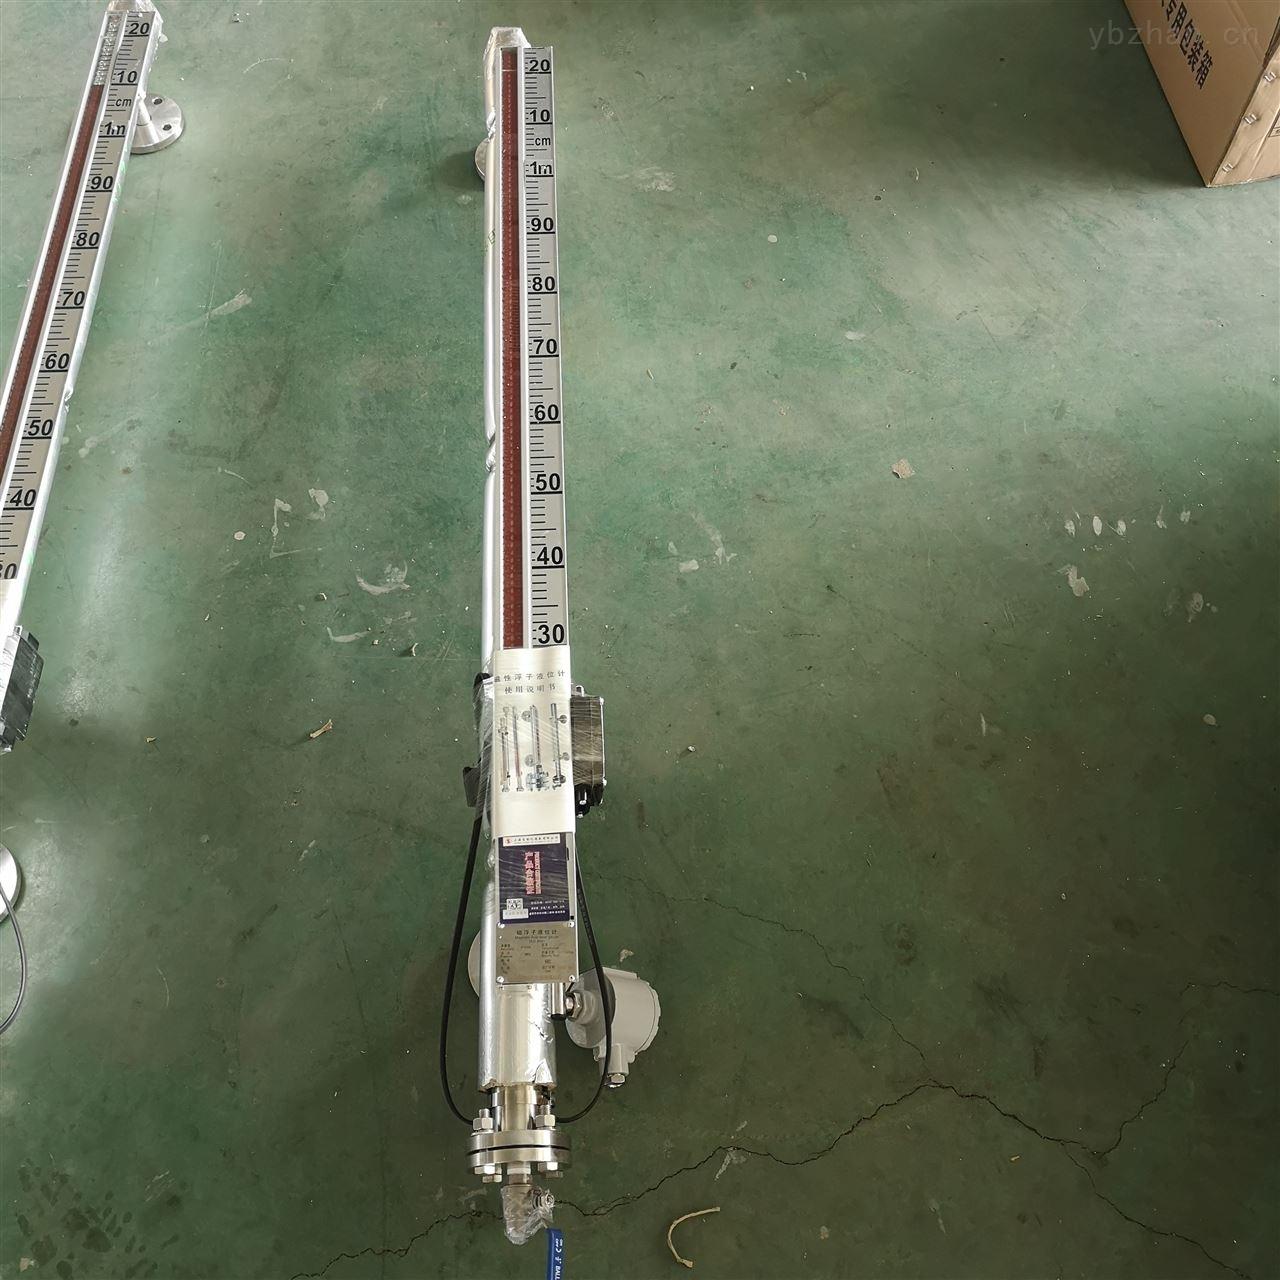 指示精度8MM砂浆液位计侧装DN30连接法兰